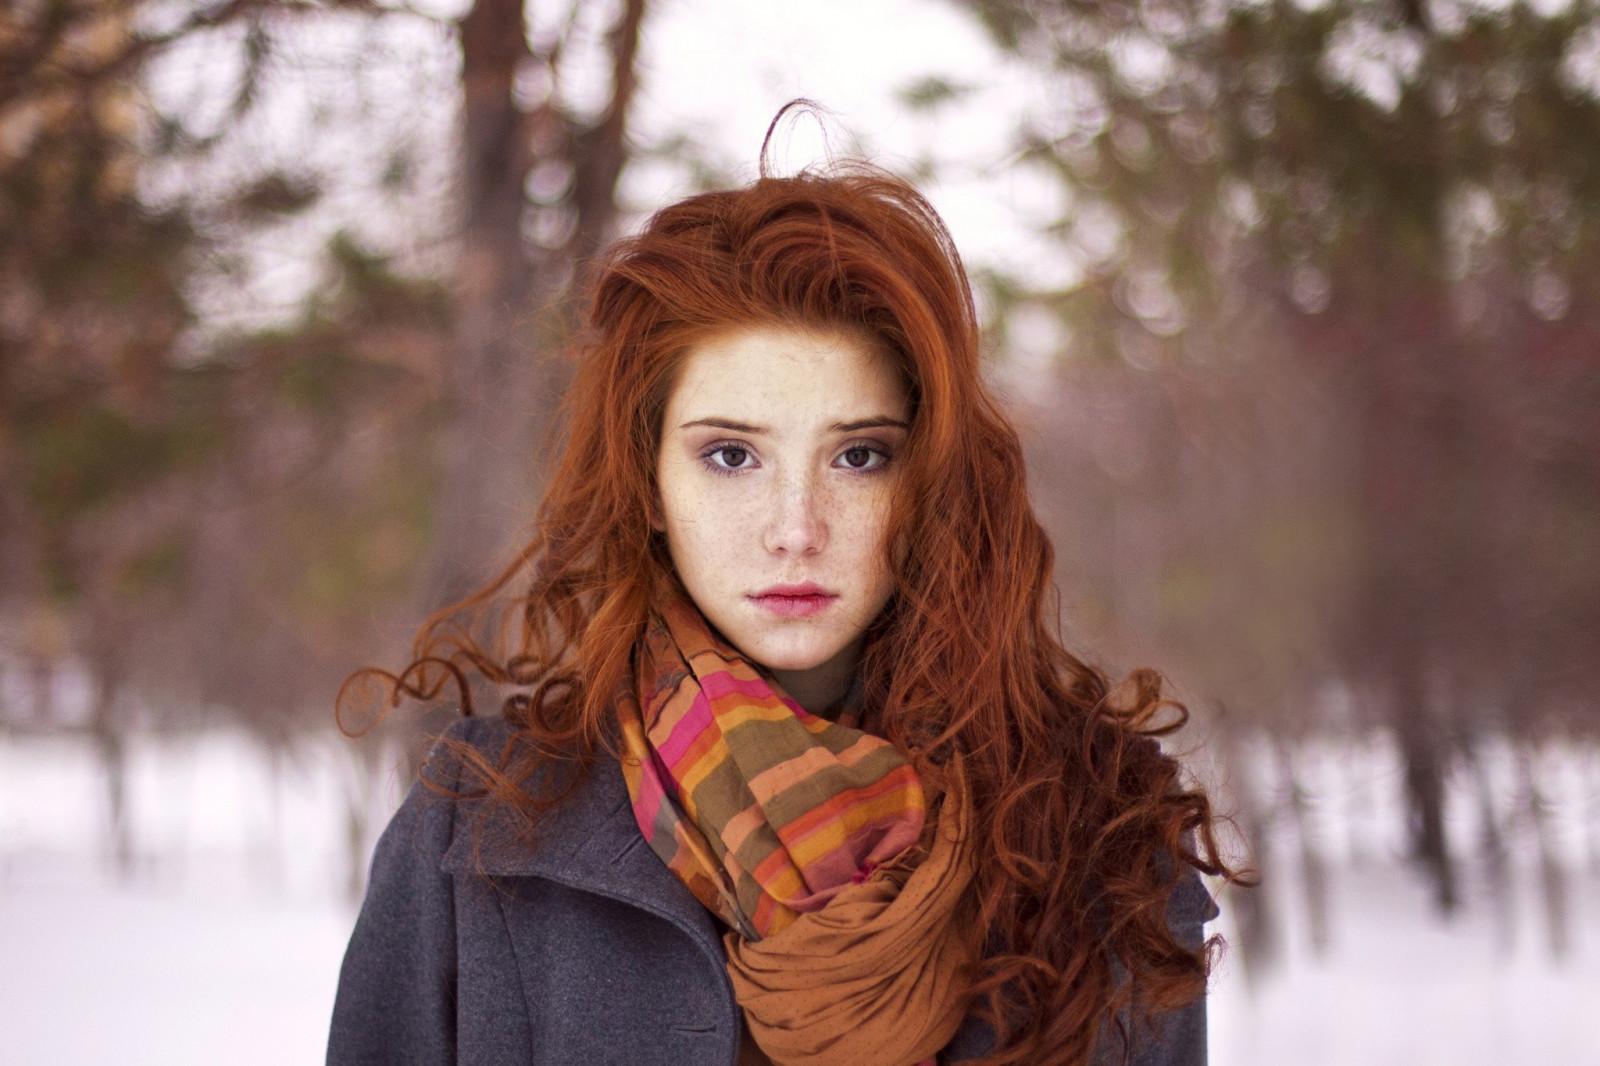 Рыжая высокая девушка фото